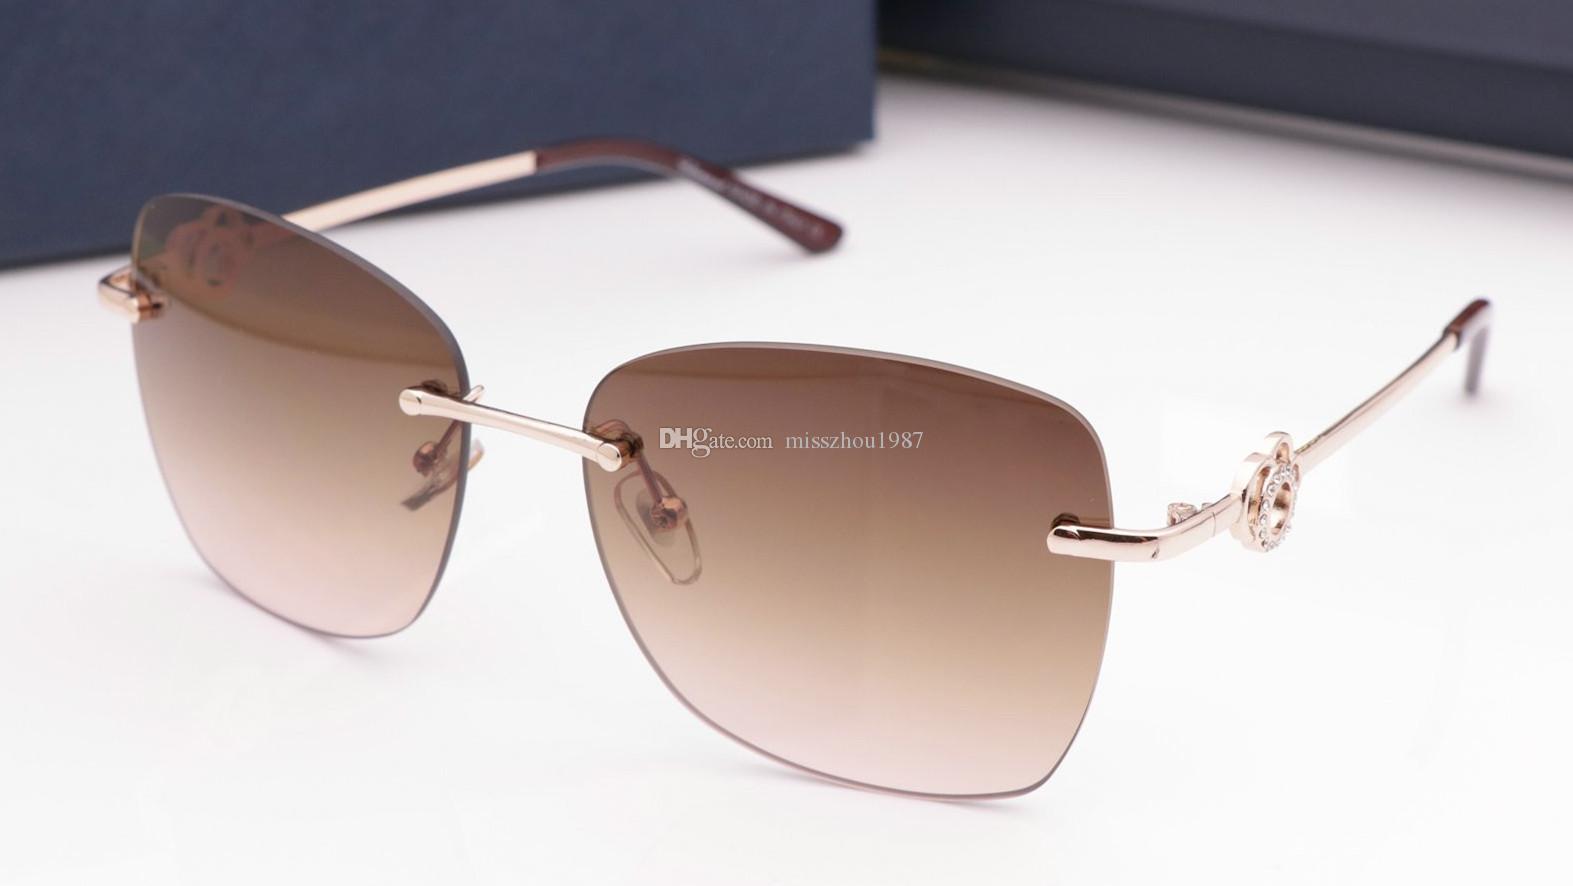 Роскошные 24 Солнцезащитные очки для женщин Brand Designer Популярные Очаровательные солнечные очки верхнего качества Защита от ультрафиолетовых лучей солнцезащитные очки поставляются с пакетом